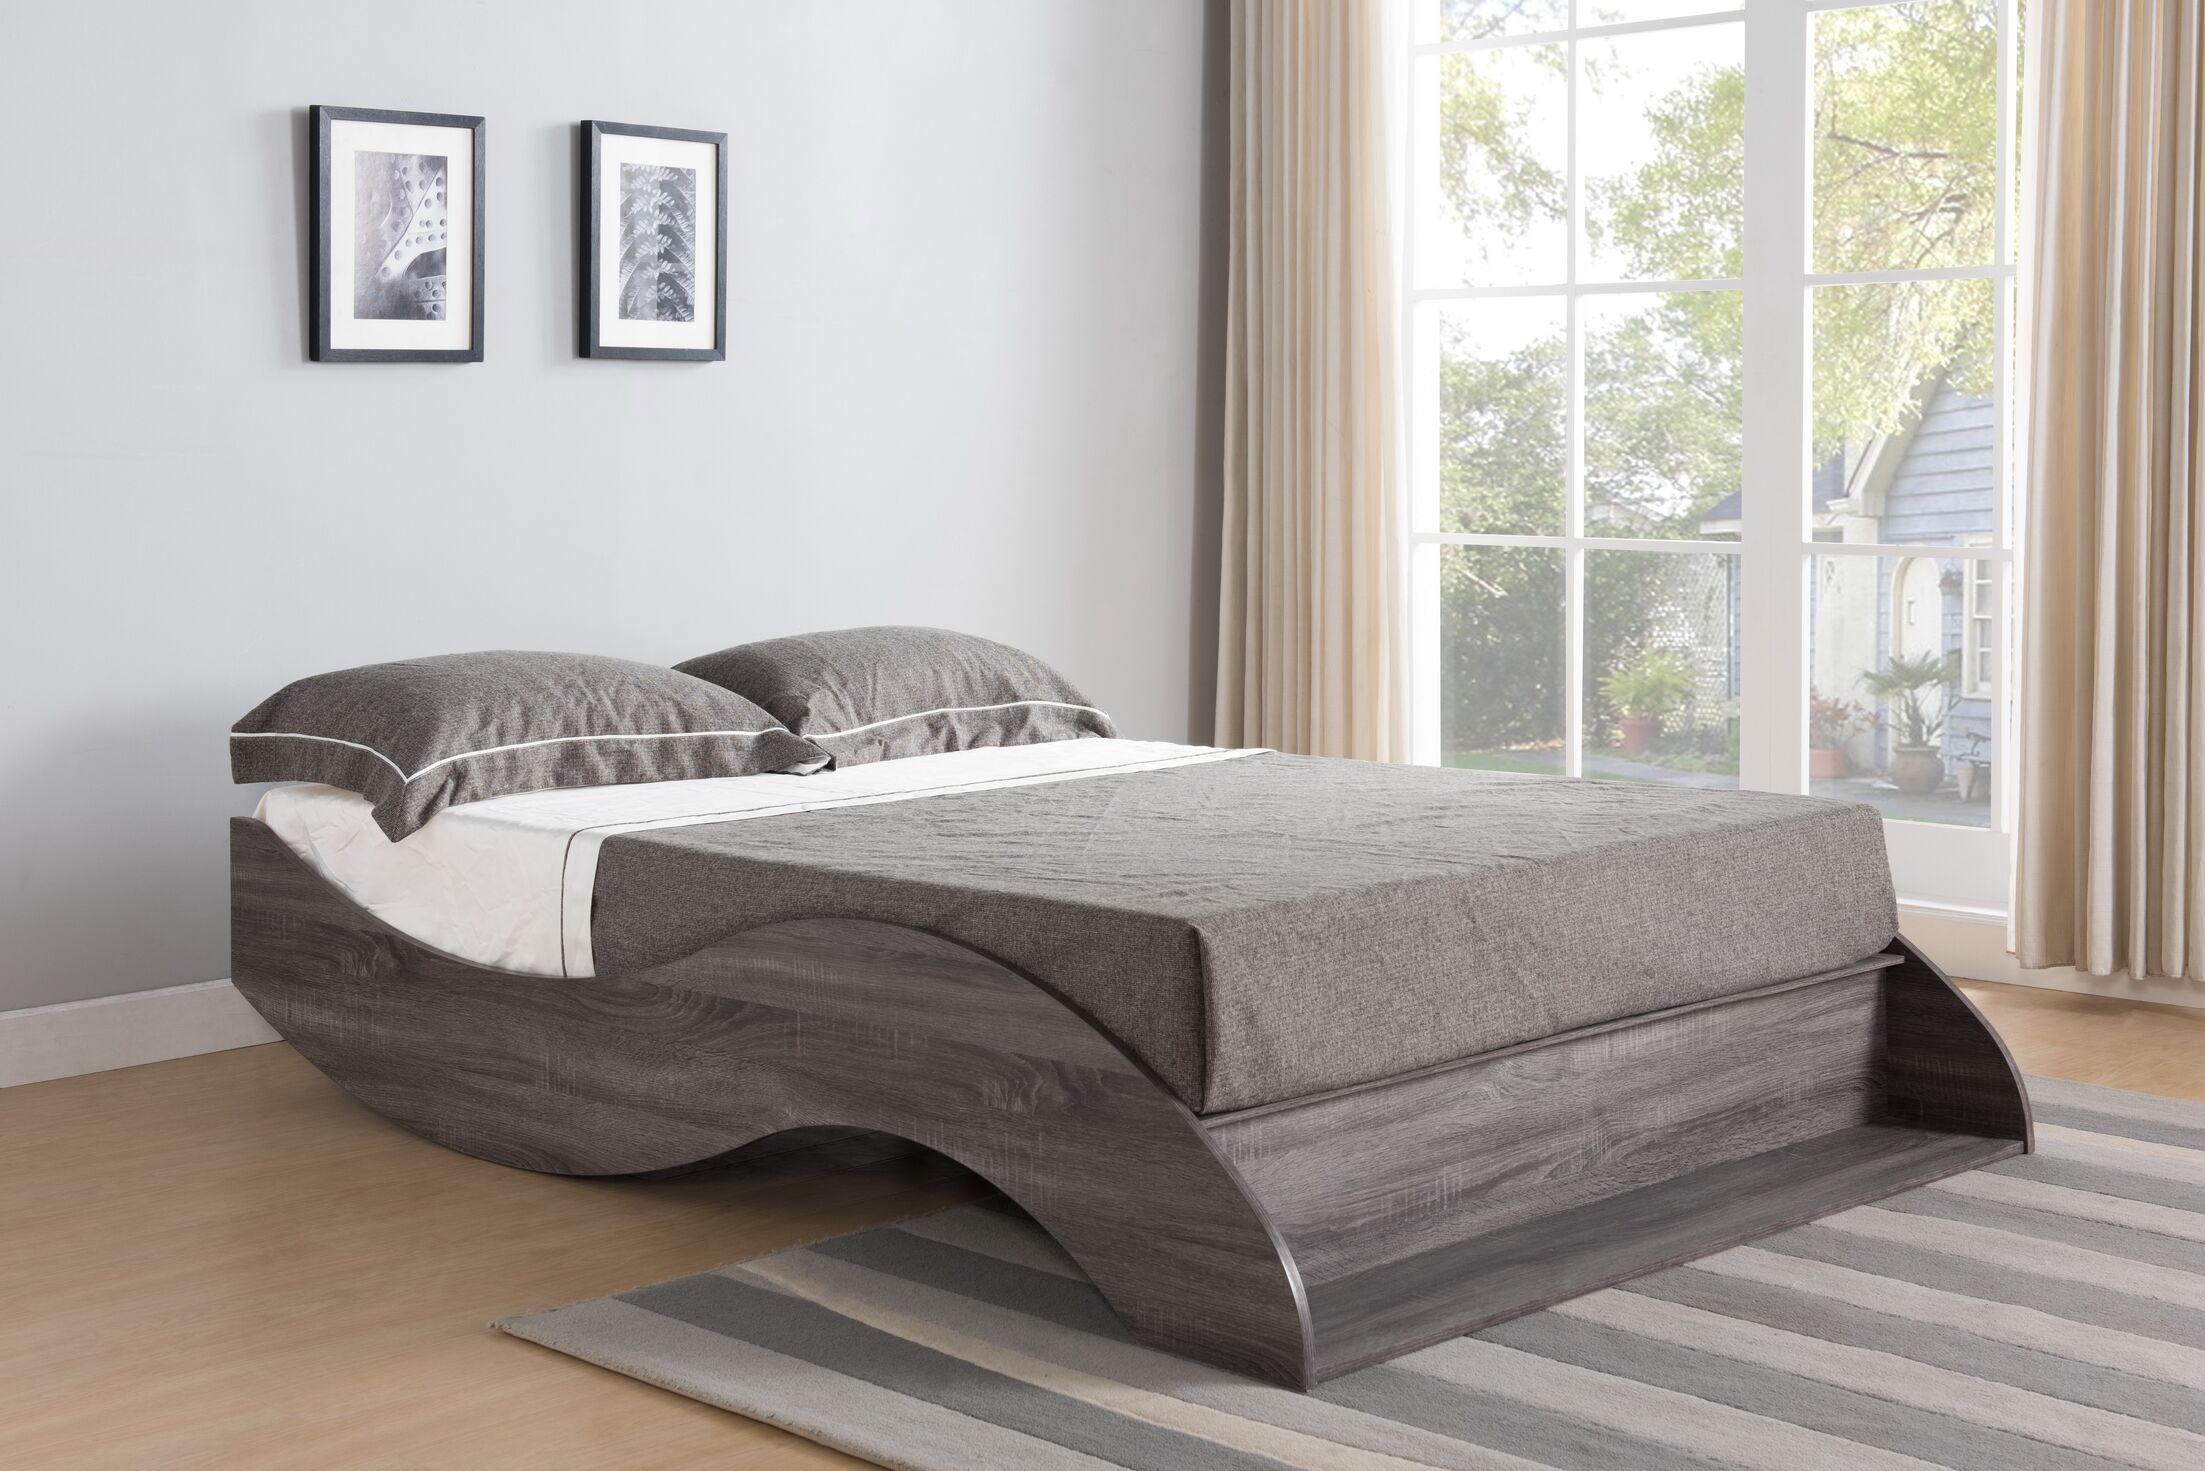 Eyler Platform Bed Size: Full, Color: Gray